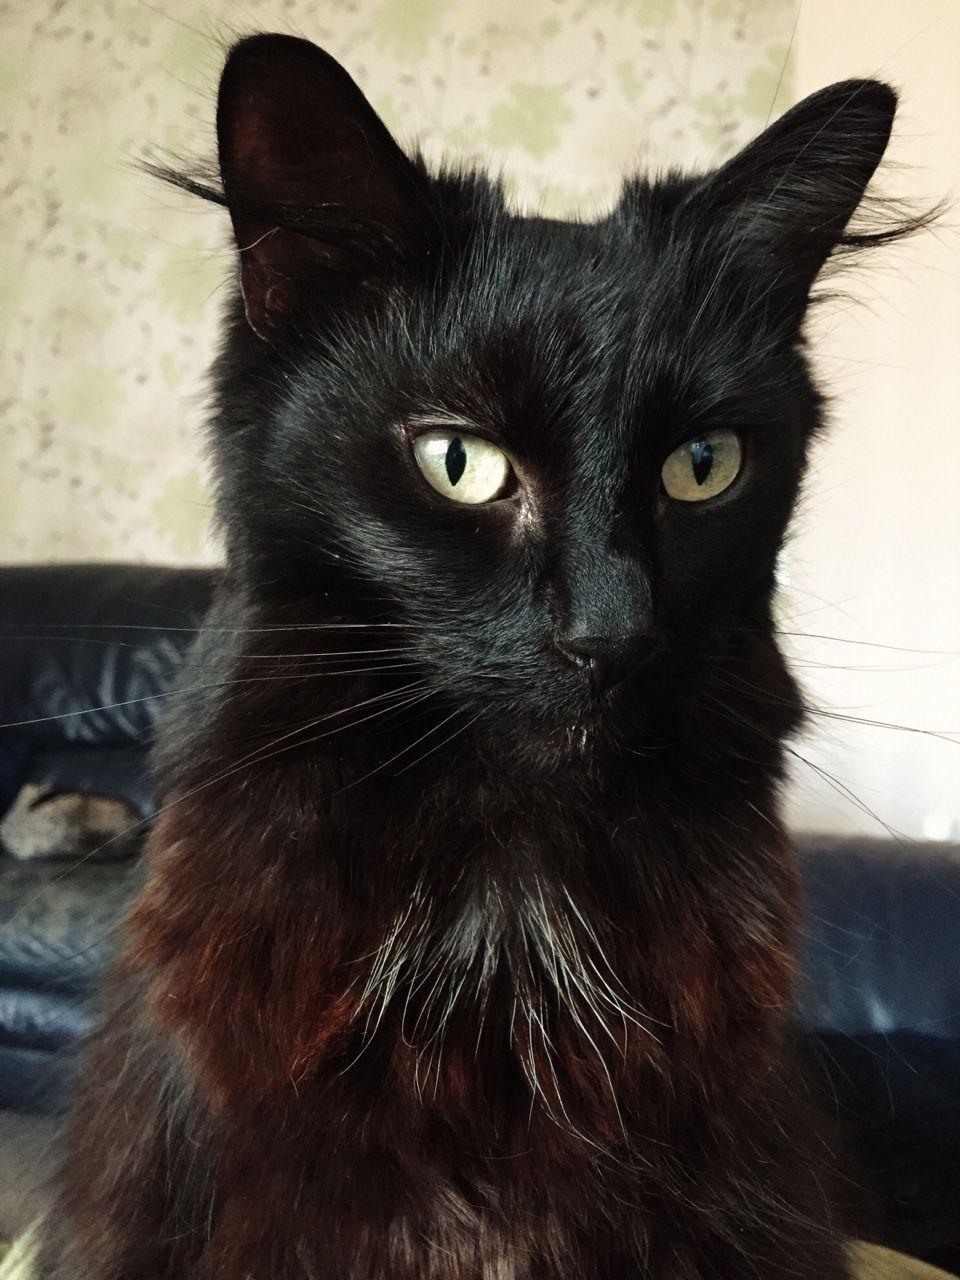 gayfrey: Meu gato é af fotogênico Eu amo a minha ...